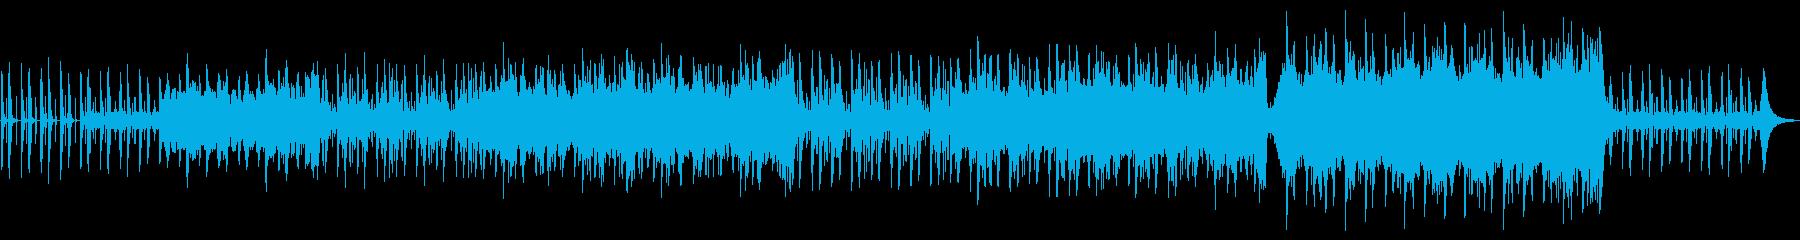 ミニマルなオーケストラ・勇気・挑戦・希望の再生済みの波形